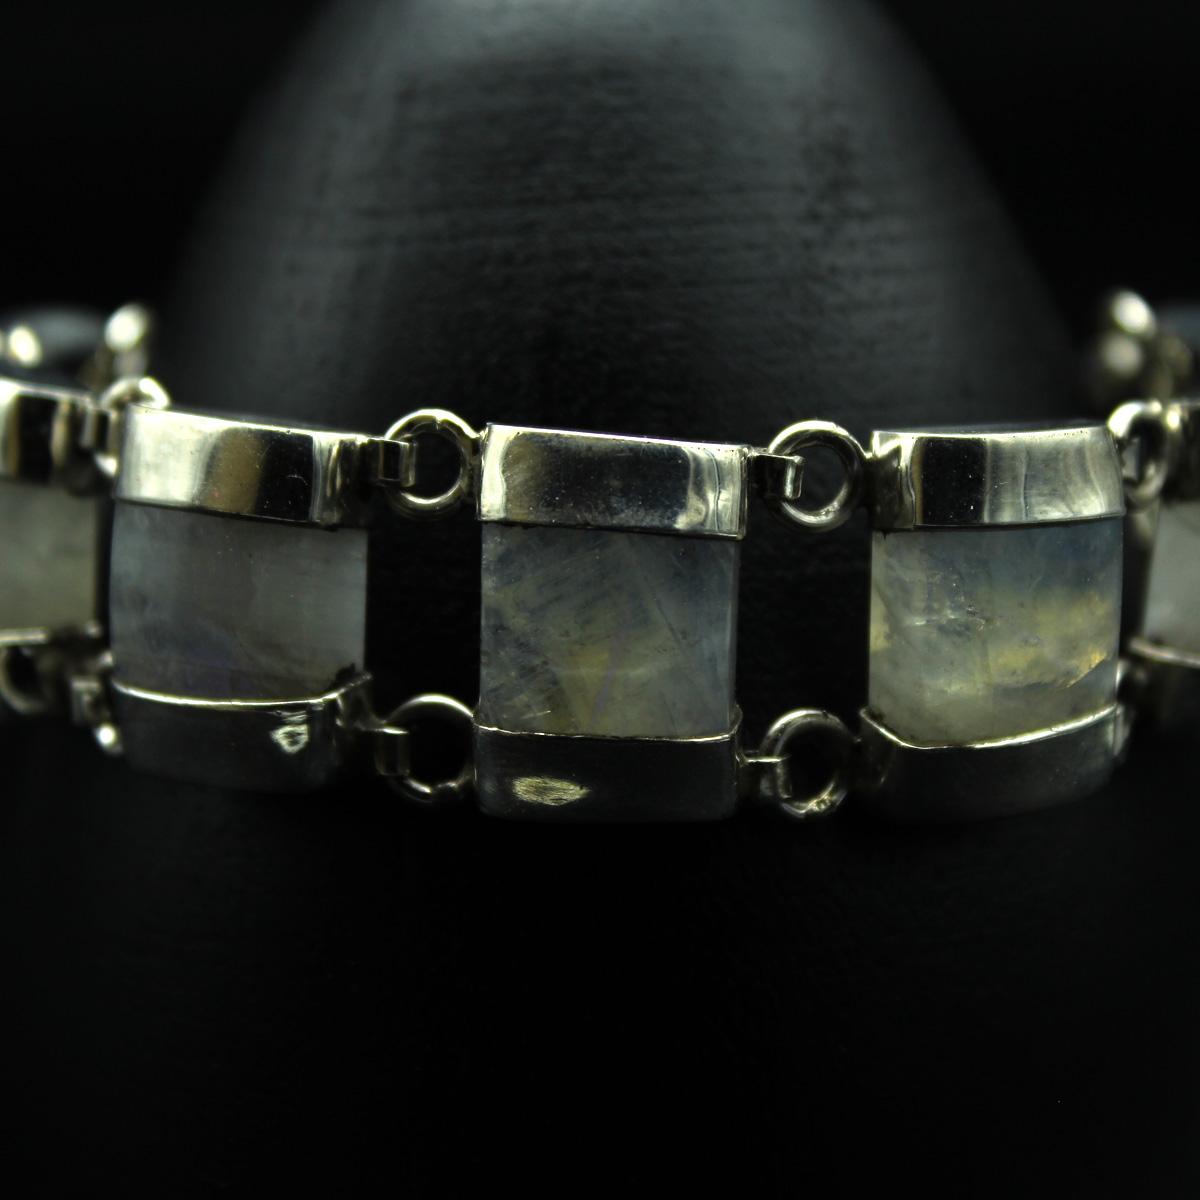 Браслет, серебро, натуральный камень - перистерит, 35.18 грамм, проба 925